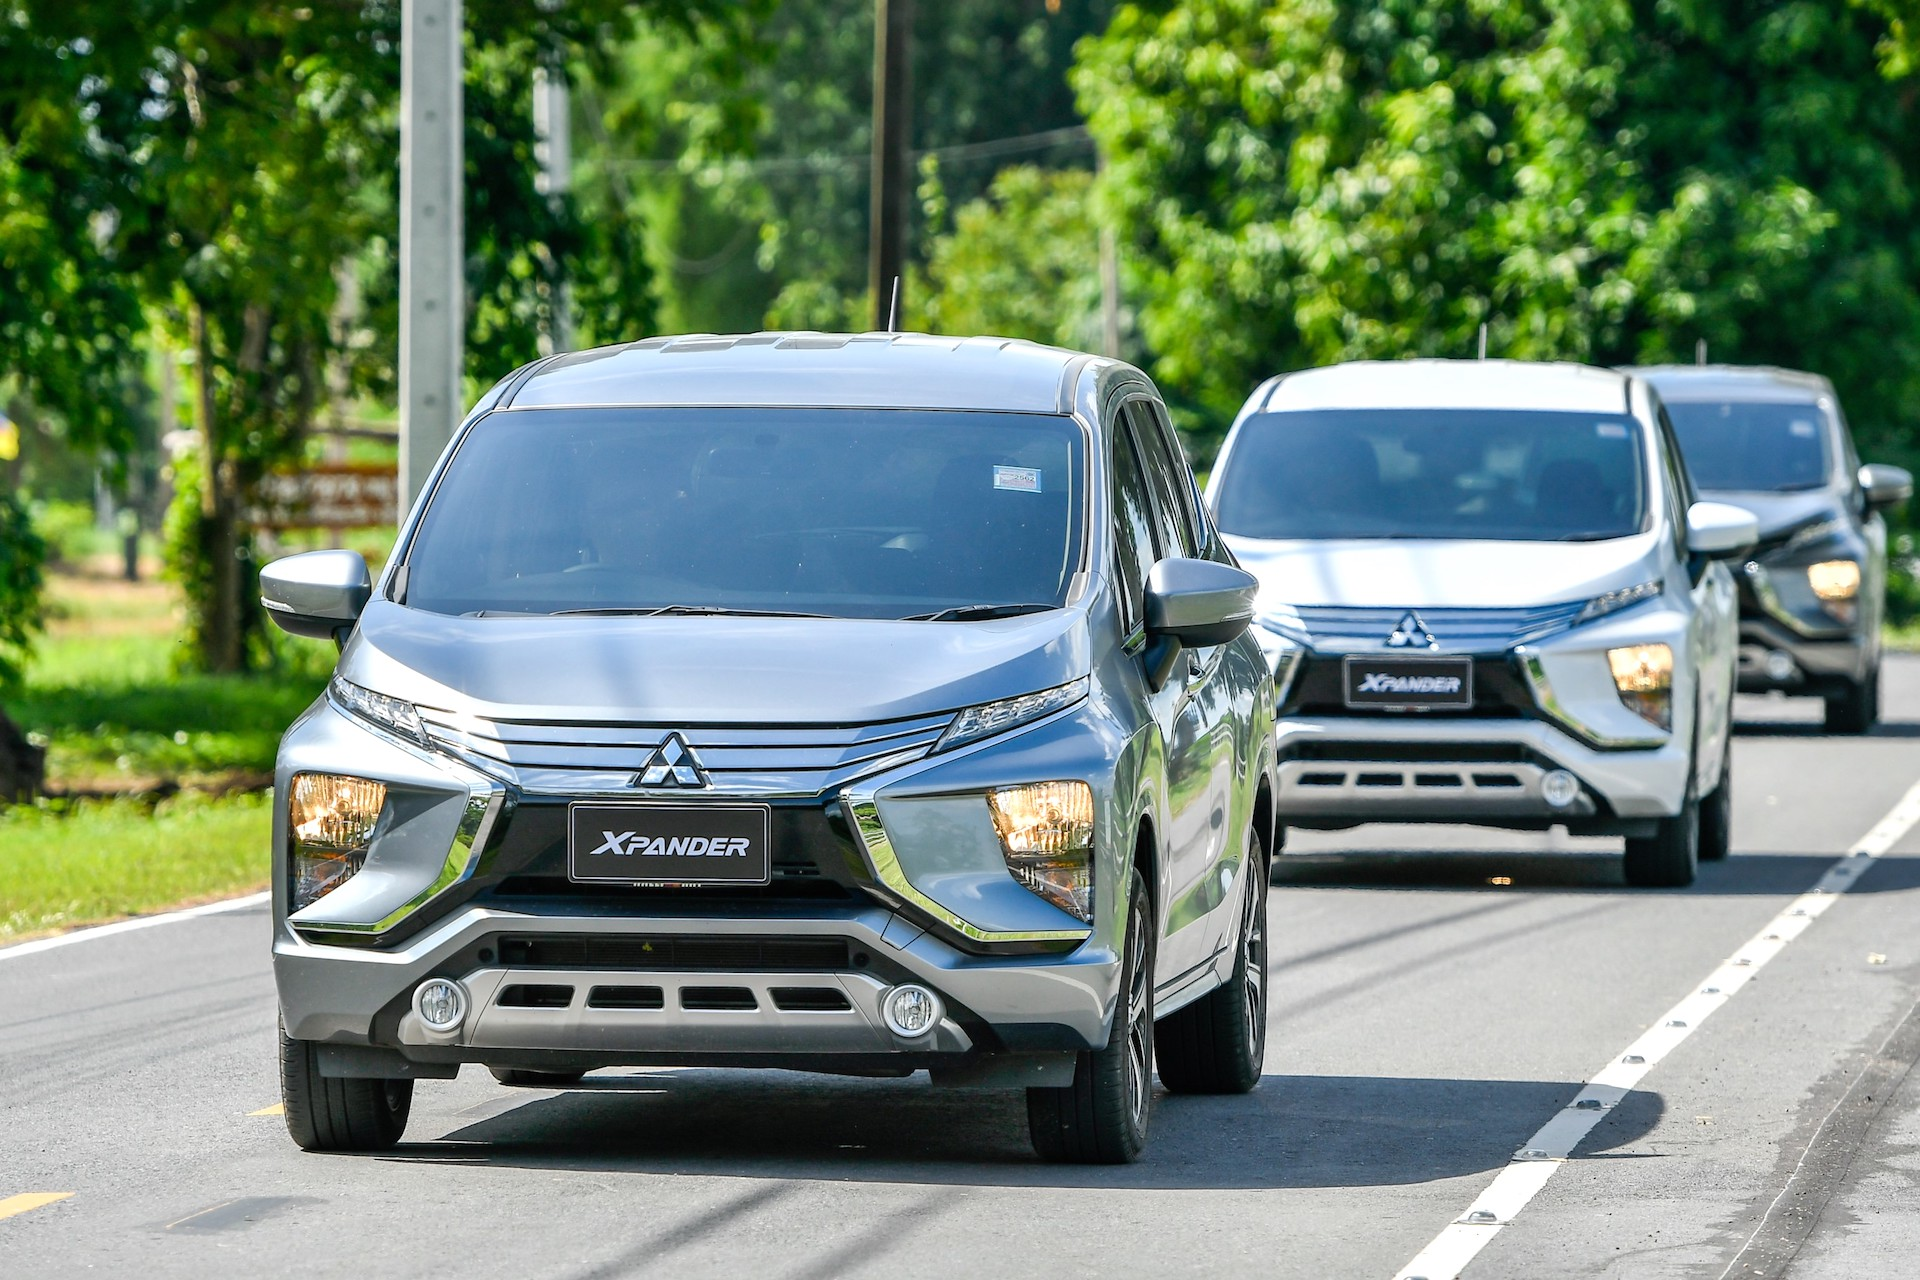 เตรียมเปิดตัว มิตซูบิชิ เอ็กซ์แพนเดอร์ ใหม่ รถที่ออกแบบแห่งอนาคตถูกถ่ายทอดสู่ผู้ขับขี่ในปัจจุบัน